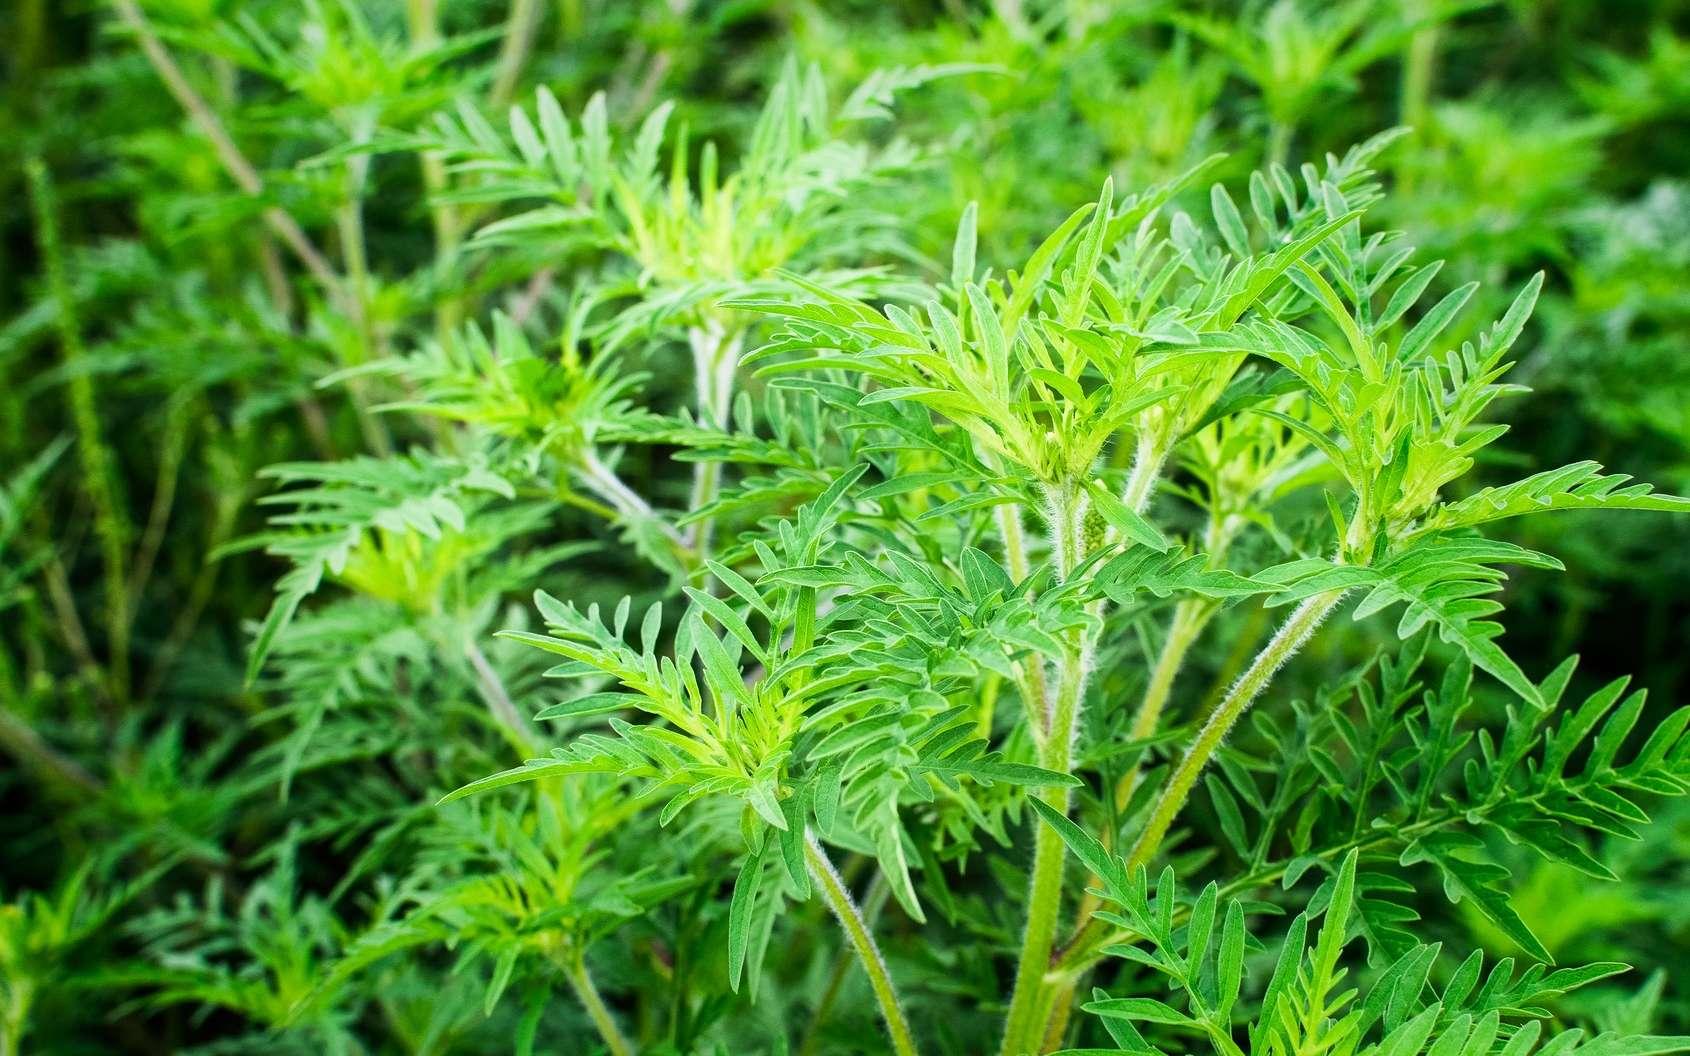 L'ambroisie est une plante annuelle avec des feuilles très découpée, souvent présente le long des routes. © Ewald Fröch, Fotolia